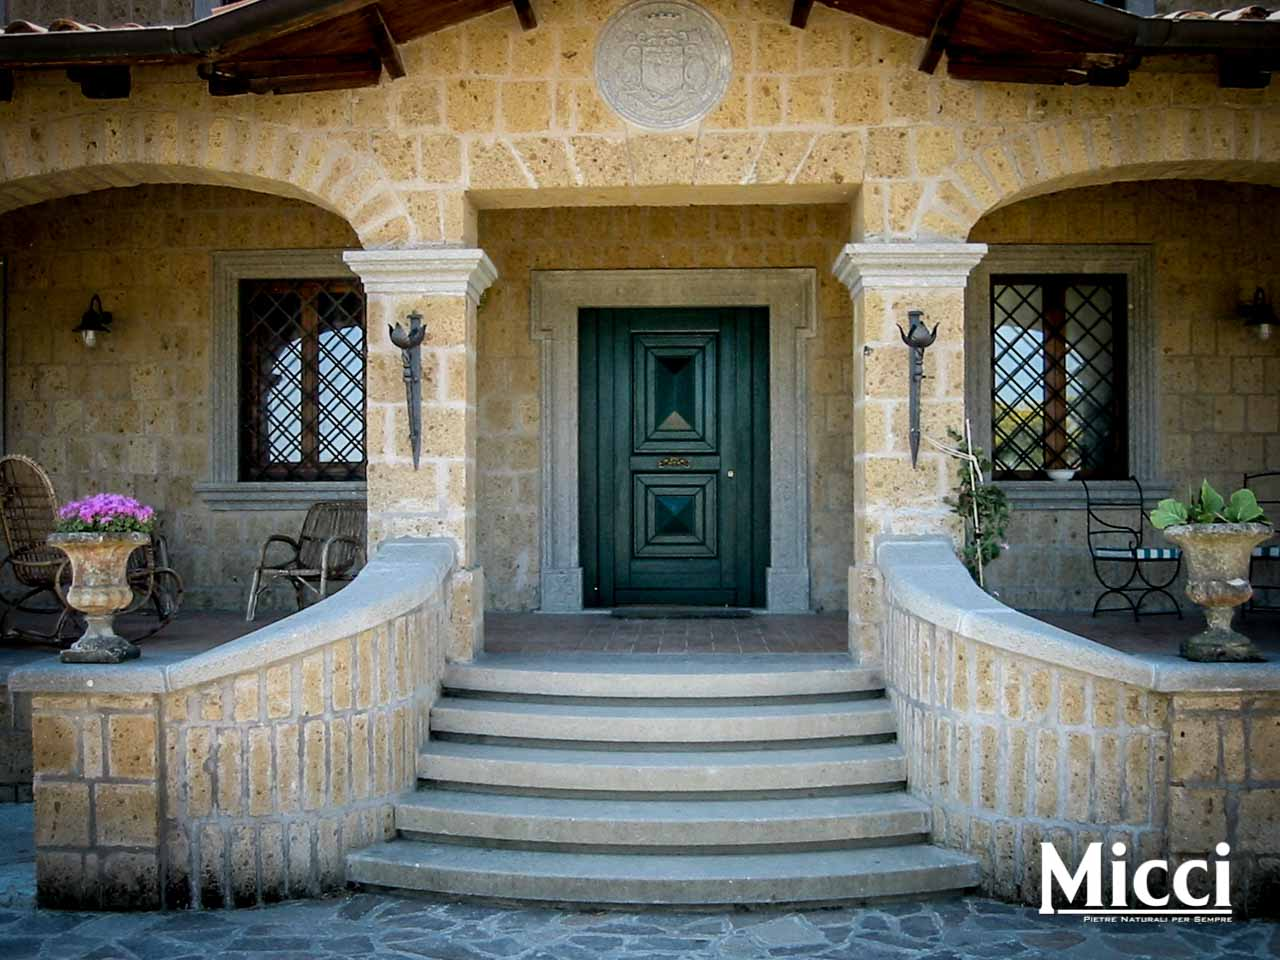 Copertine per muretti esterni in cemento tetto della casa - Elemento a elle piastrelle ...